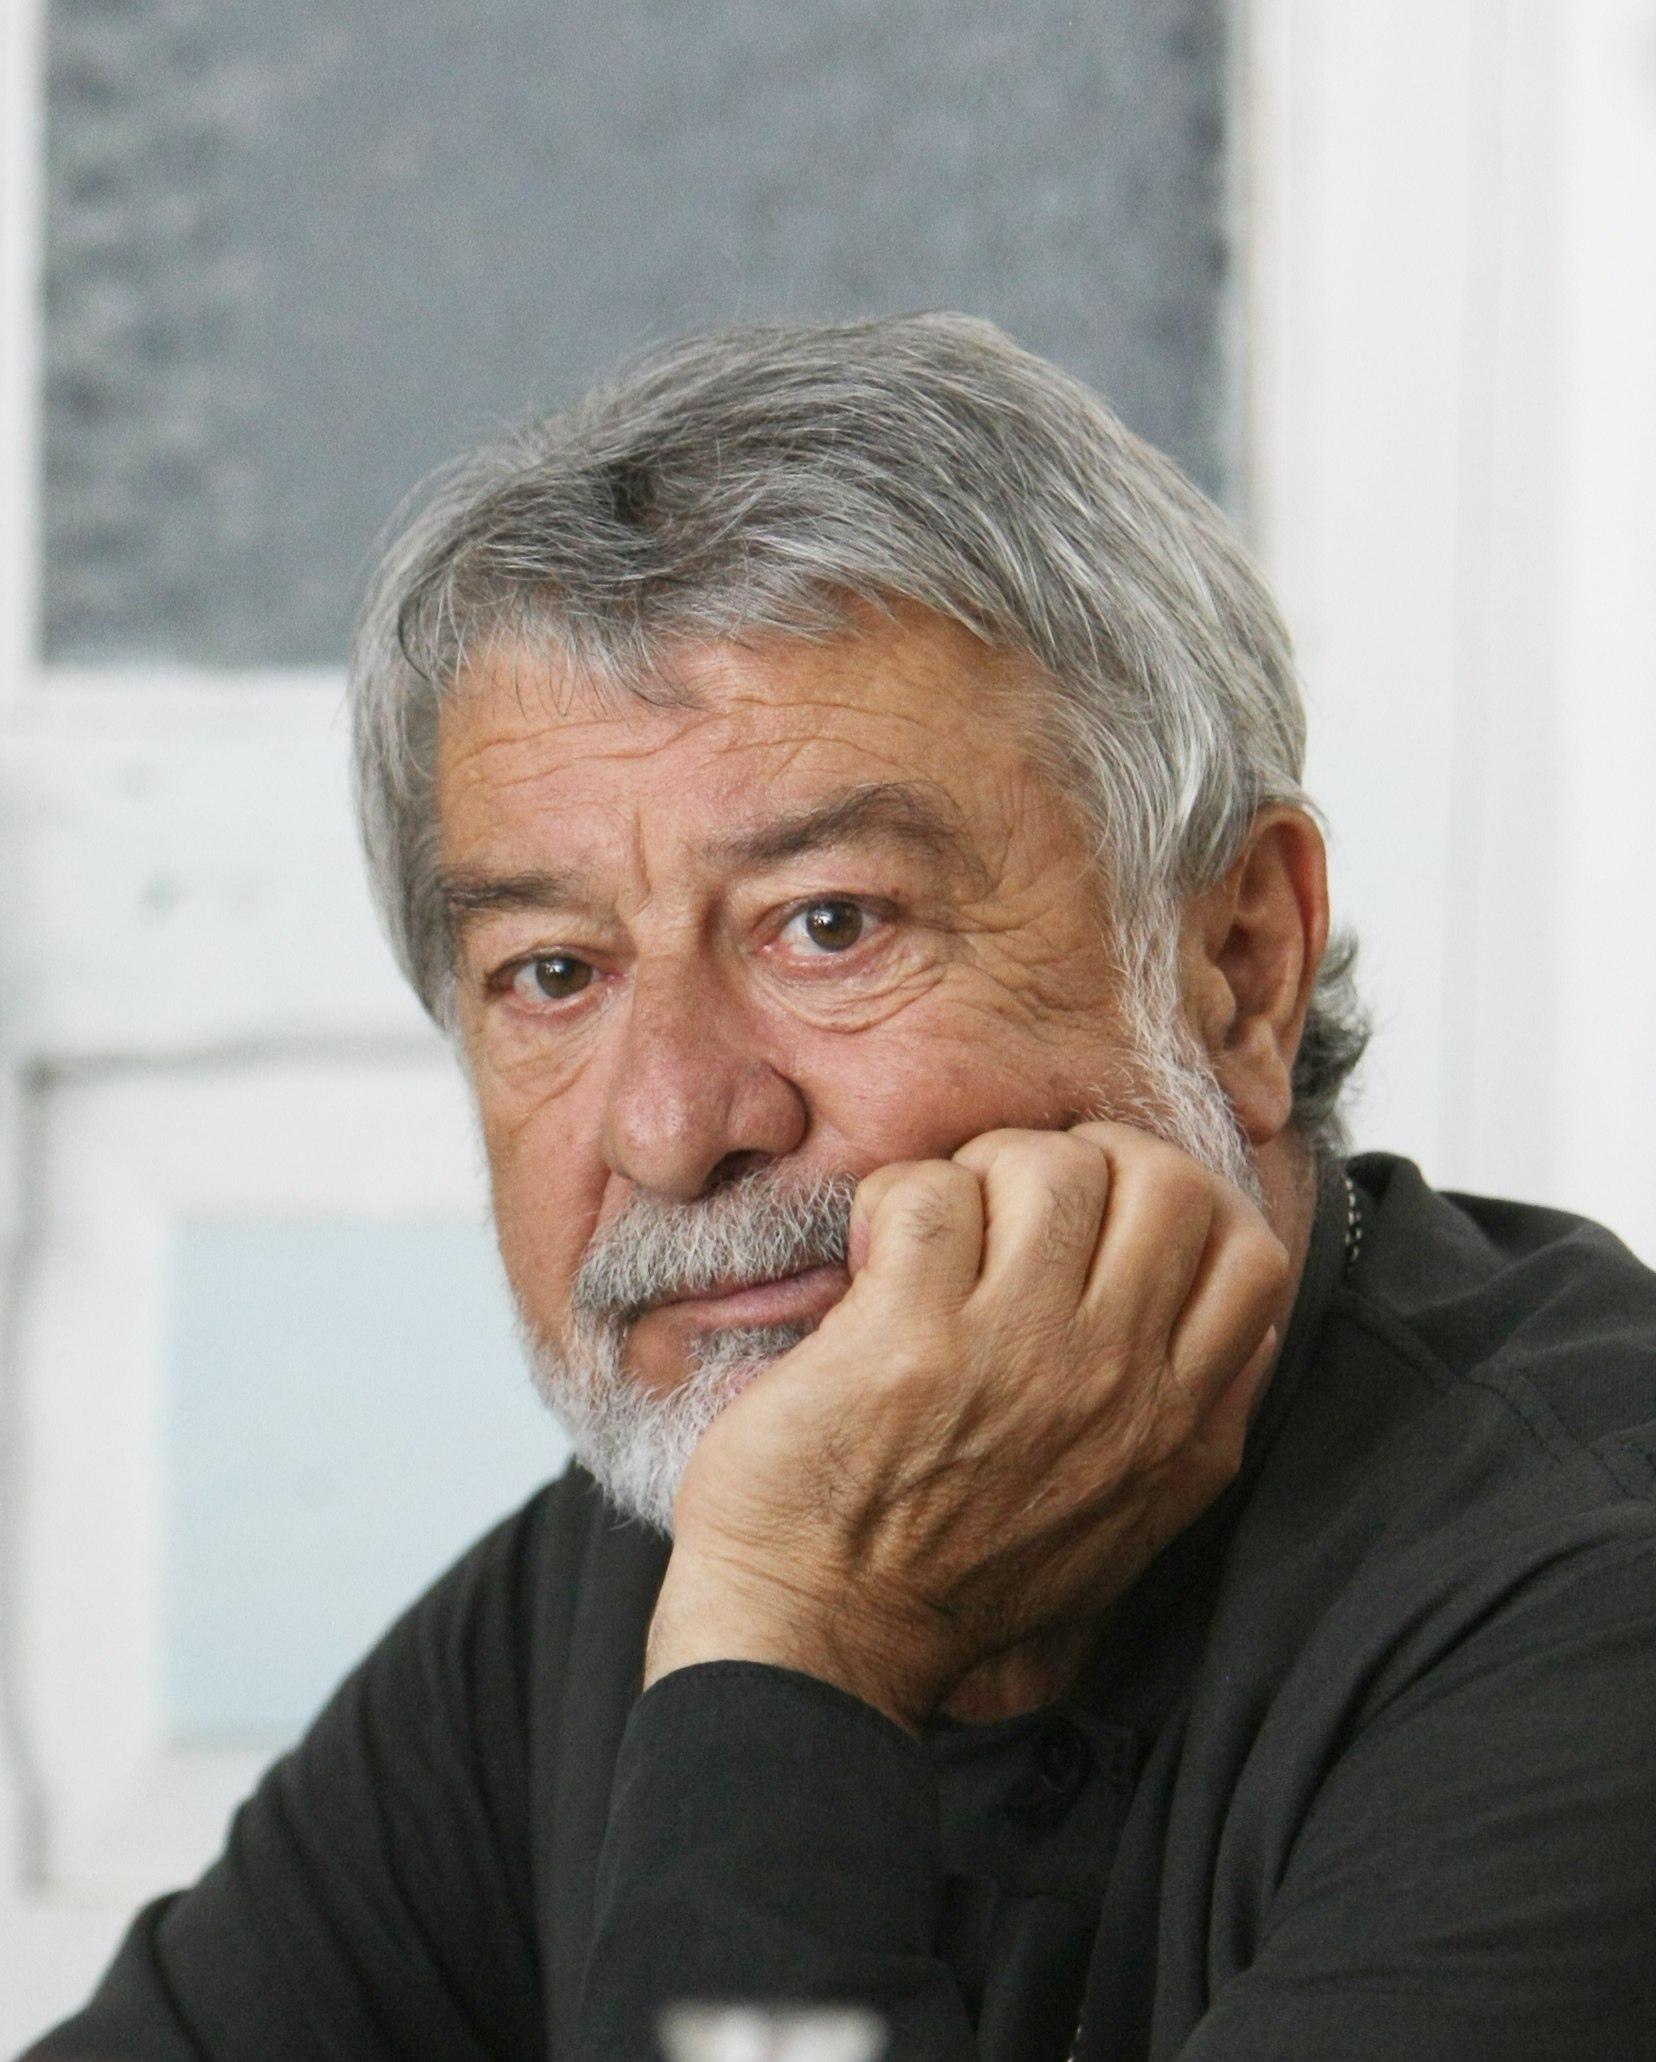 В Москве на 71 году жизни скончался актер и режиссер, народный артист РСО-Алания, заслуженный деятель искусств России Анатолий Дзиваев.